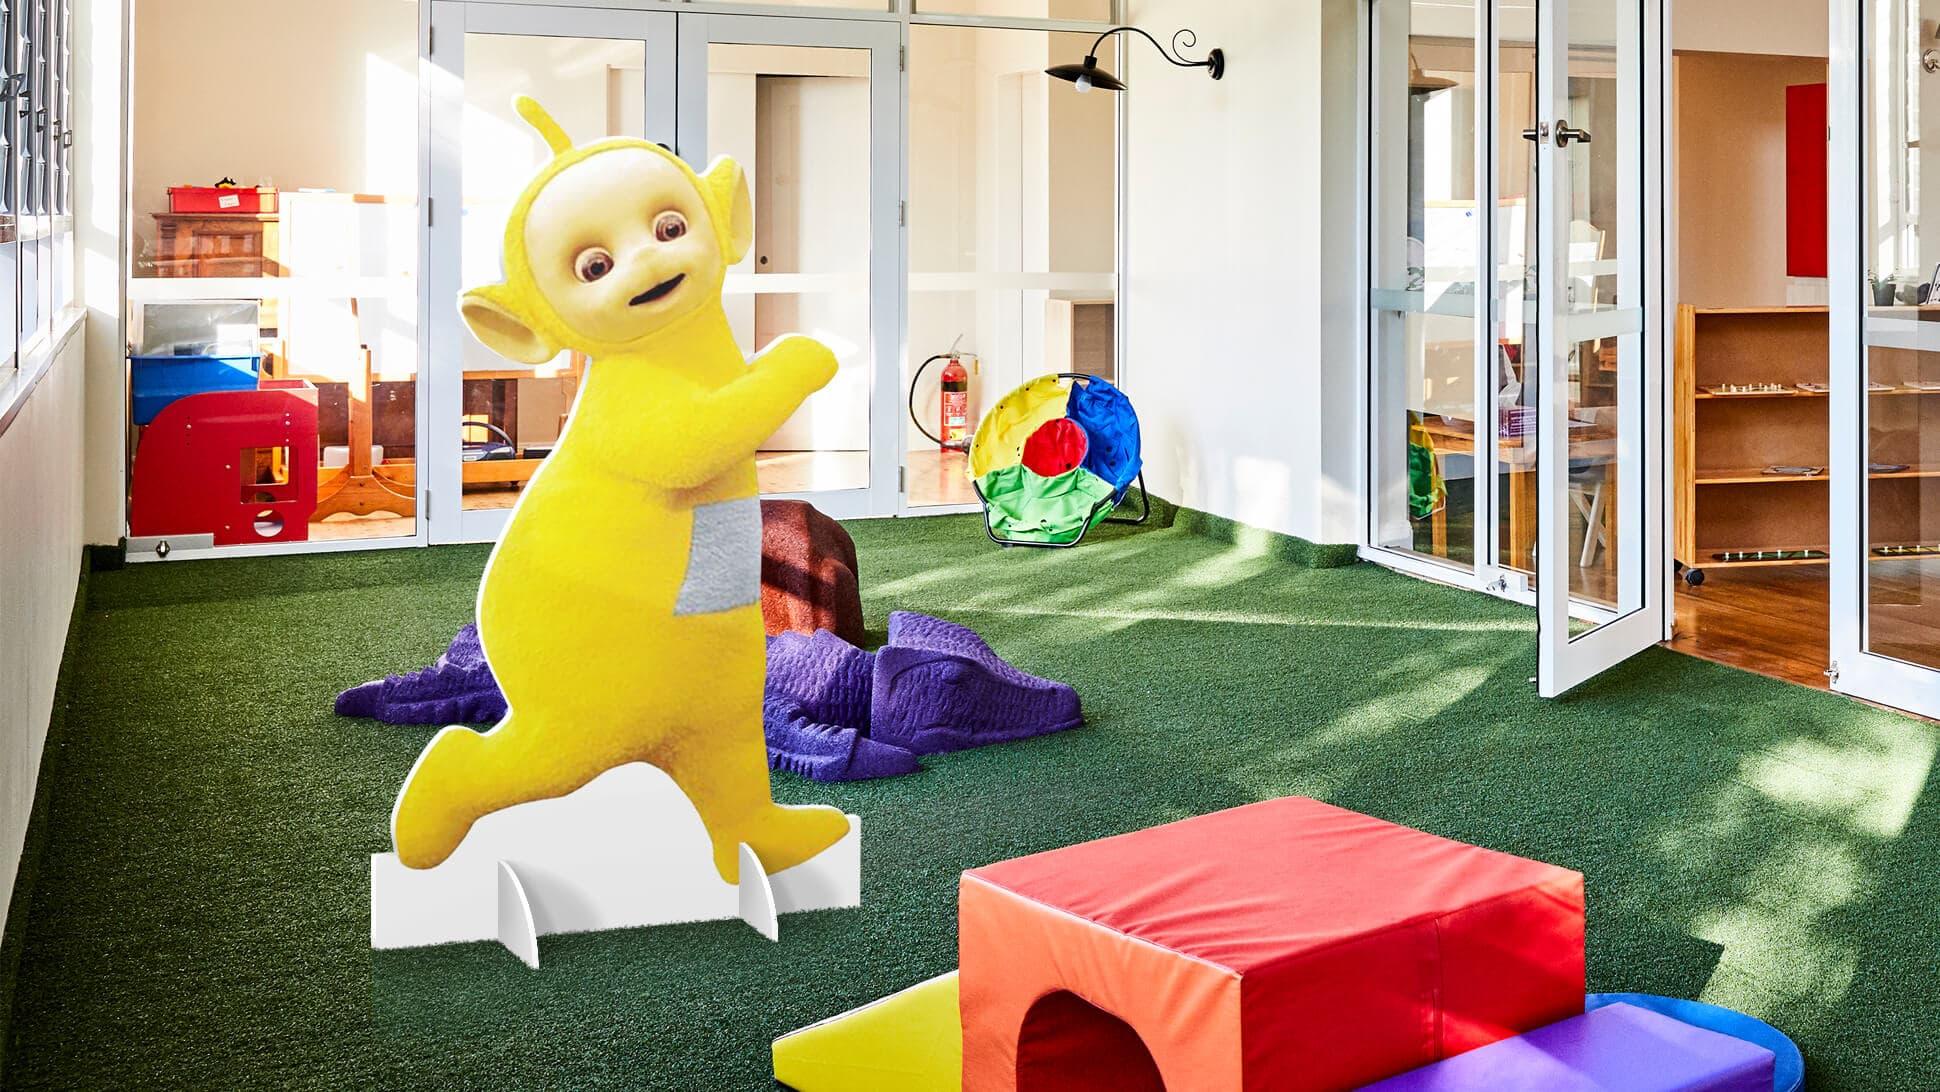 Sagomato bifacciale con cartoni animati per bambini, asili, scuole, cinema e teatro | tictac.it